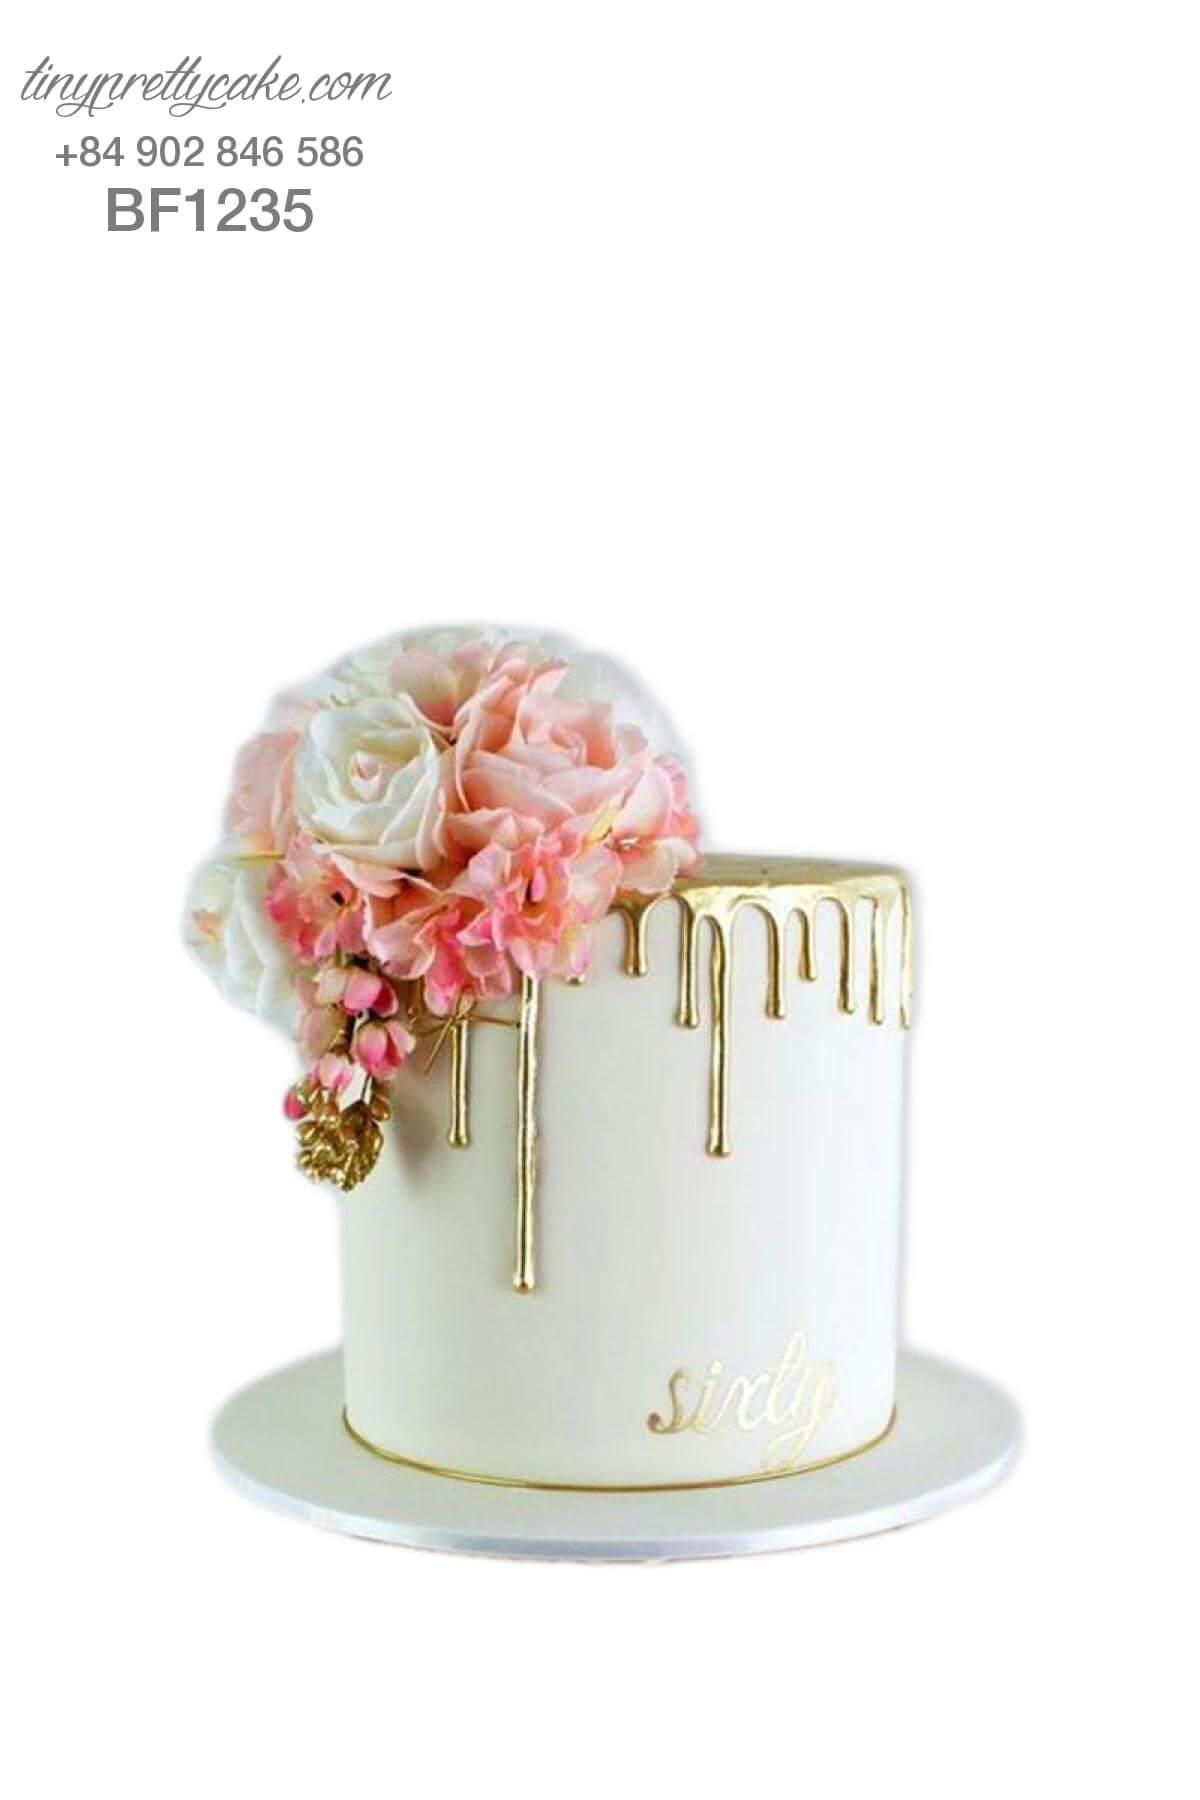 bánh gato hoa hồng tinh tế cho phụ nữ